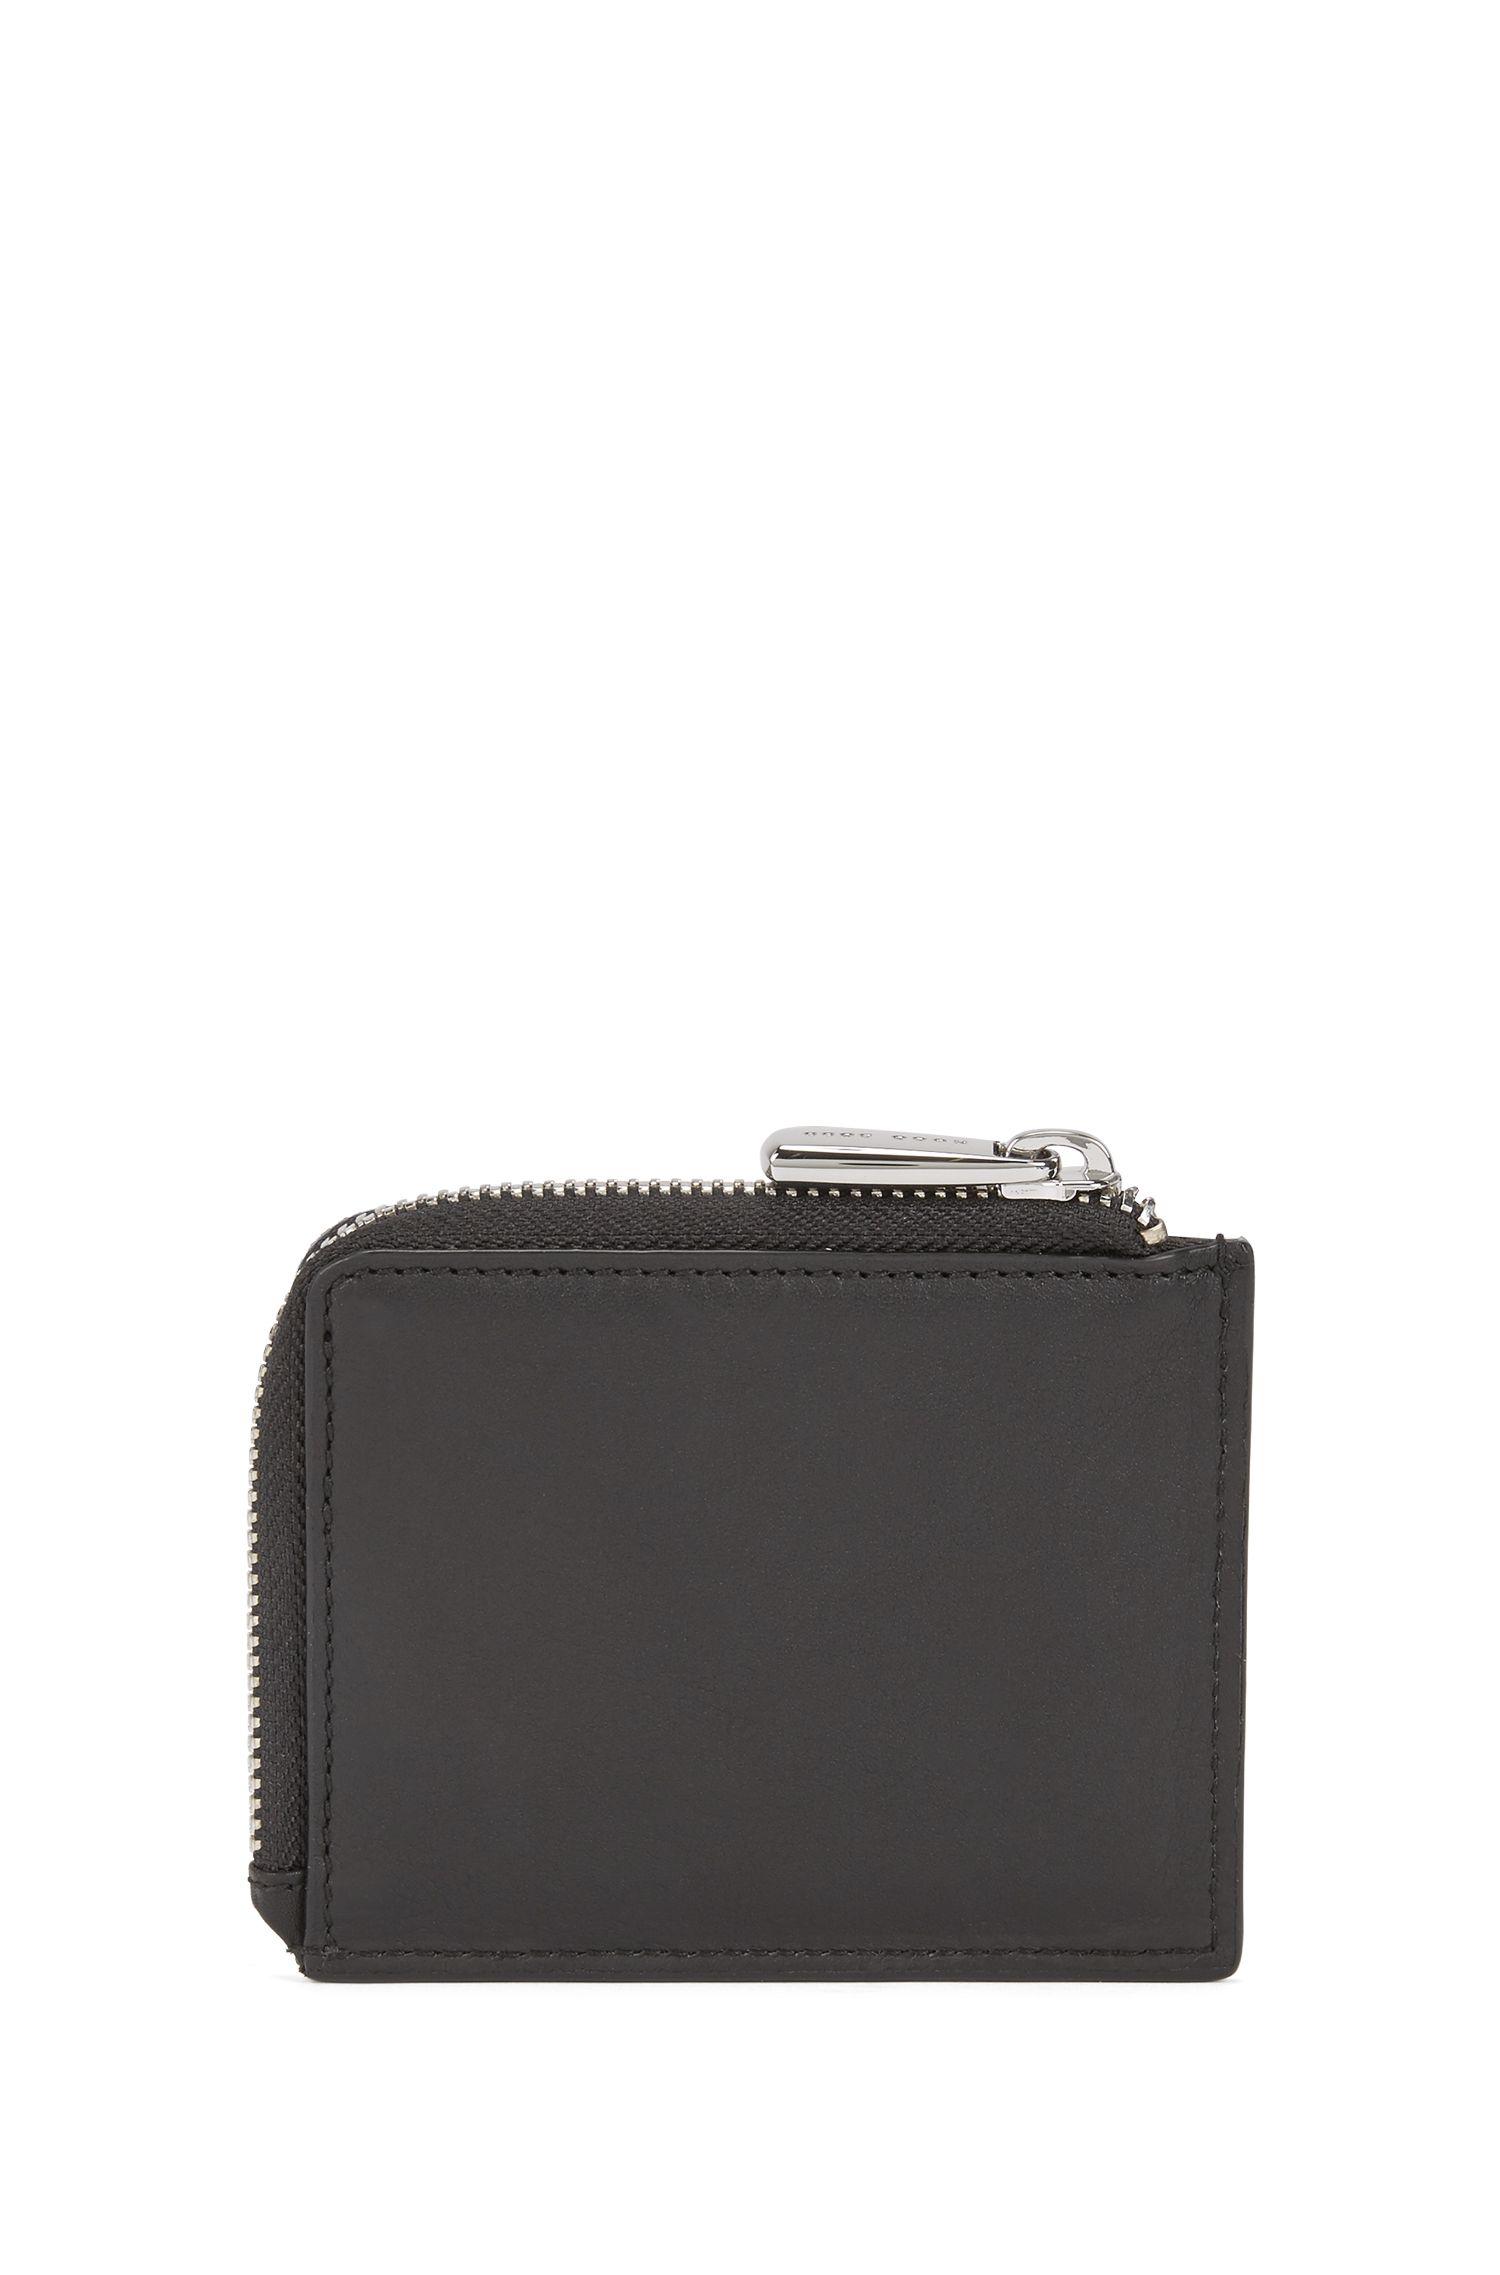 Porte-cartes en cuir nappa souple, avec fermeture éclair circulaire, Noir